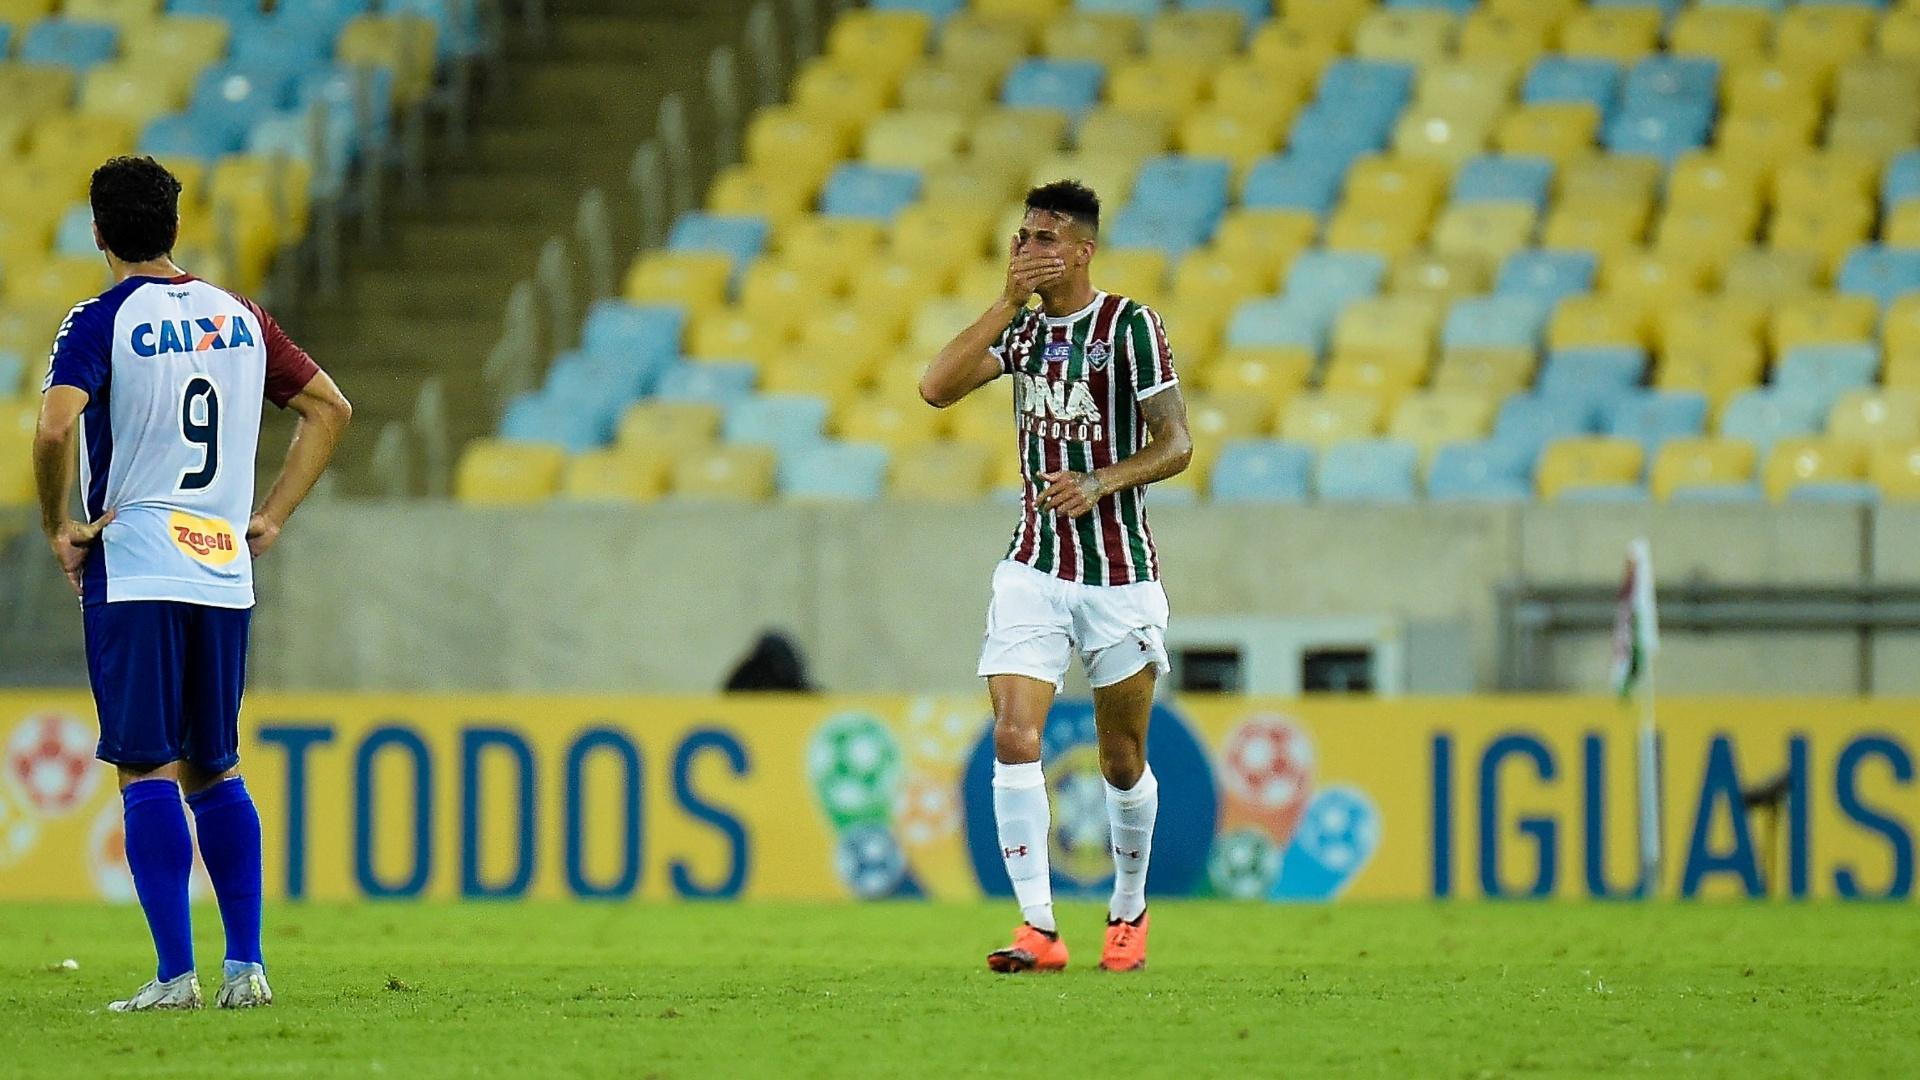 Richard comemora gol do Fluminense contra o Paraná Clube em partida do Brasileirão